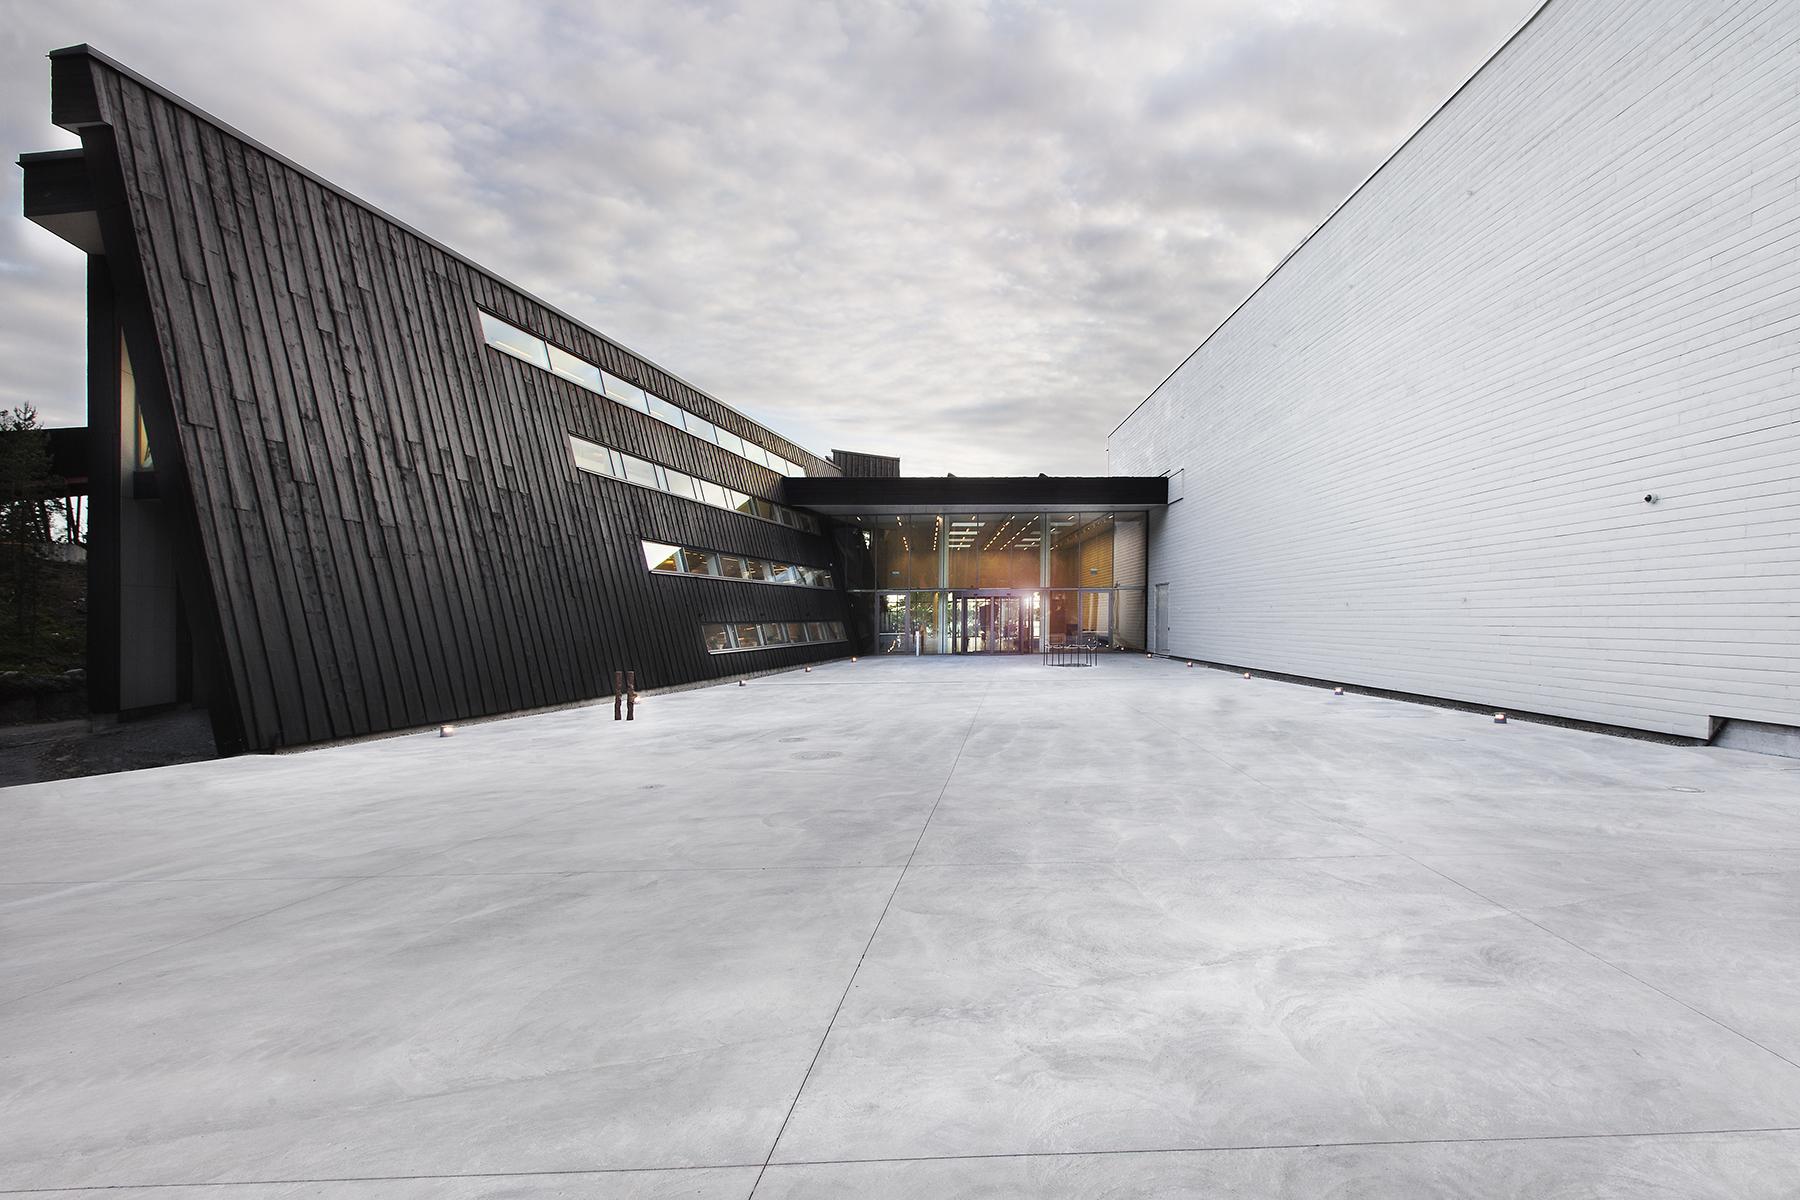 Modern Art Gallery Buildings